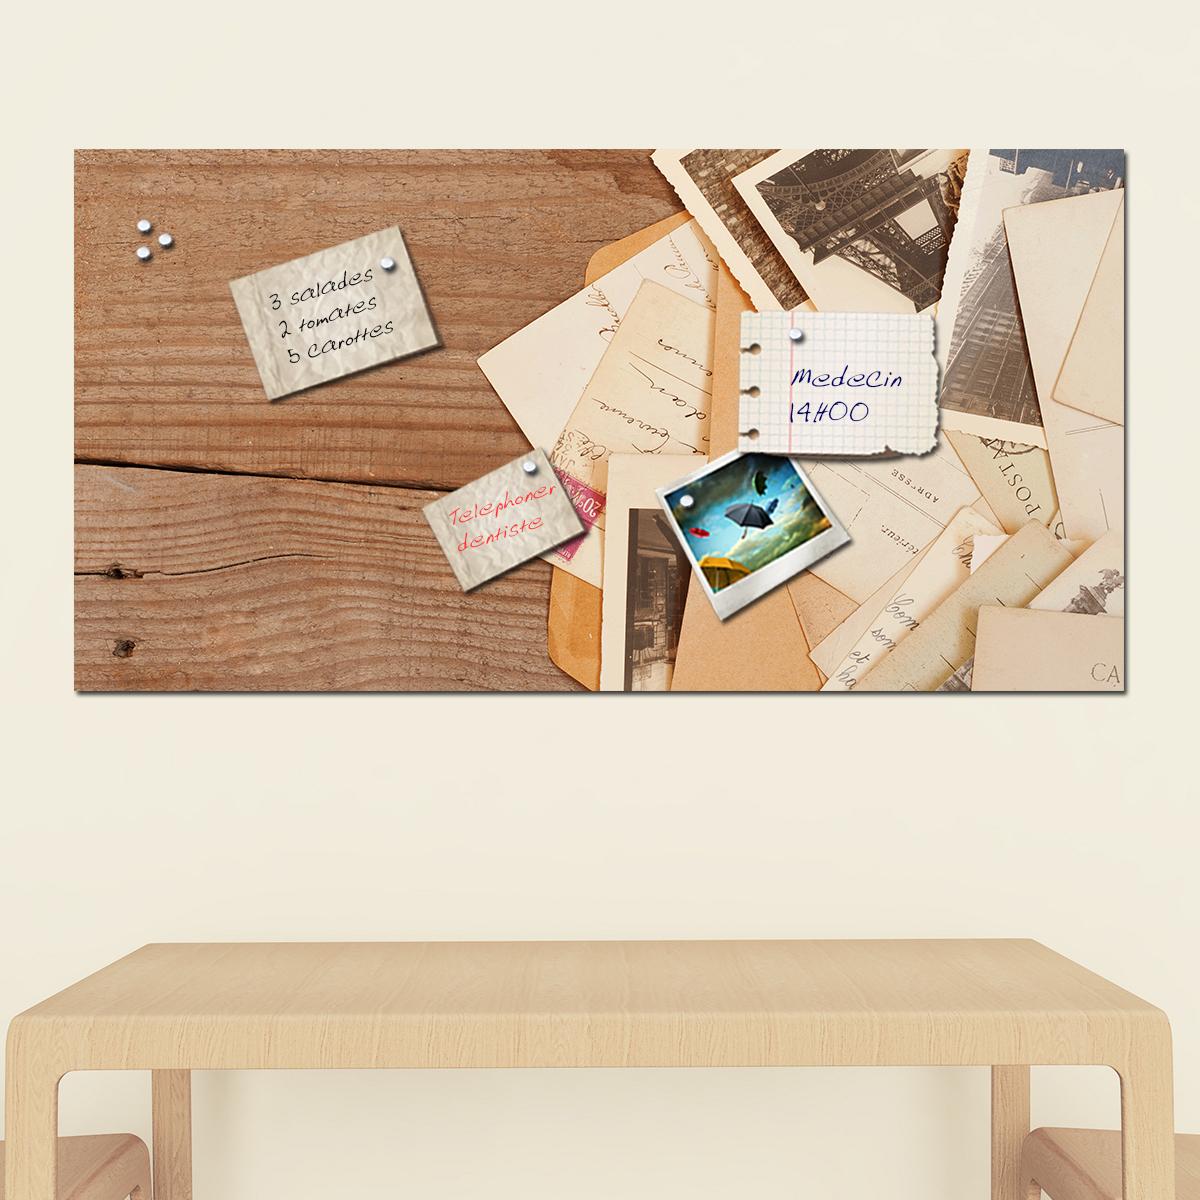 papier peint magn tique sticker papier peint magn tique lettres ambiance. Black Bedroom Furniture Sets. Home Design Ideas